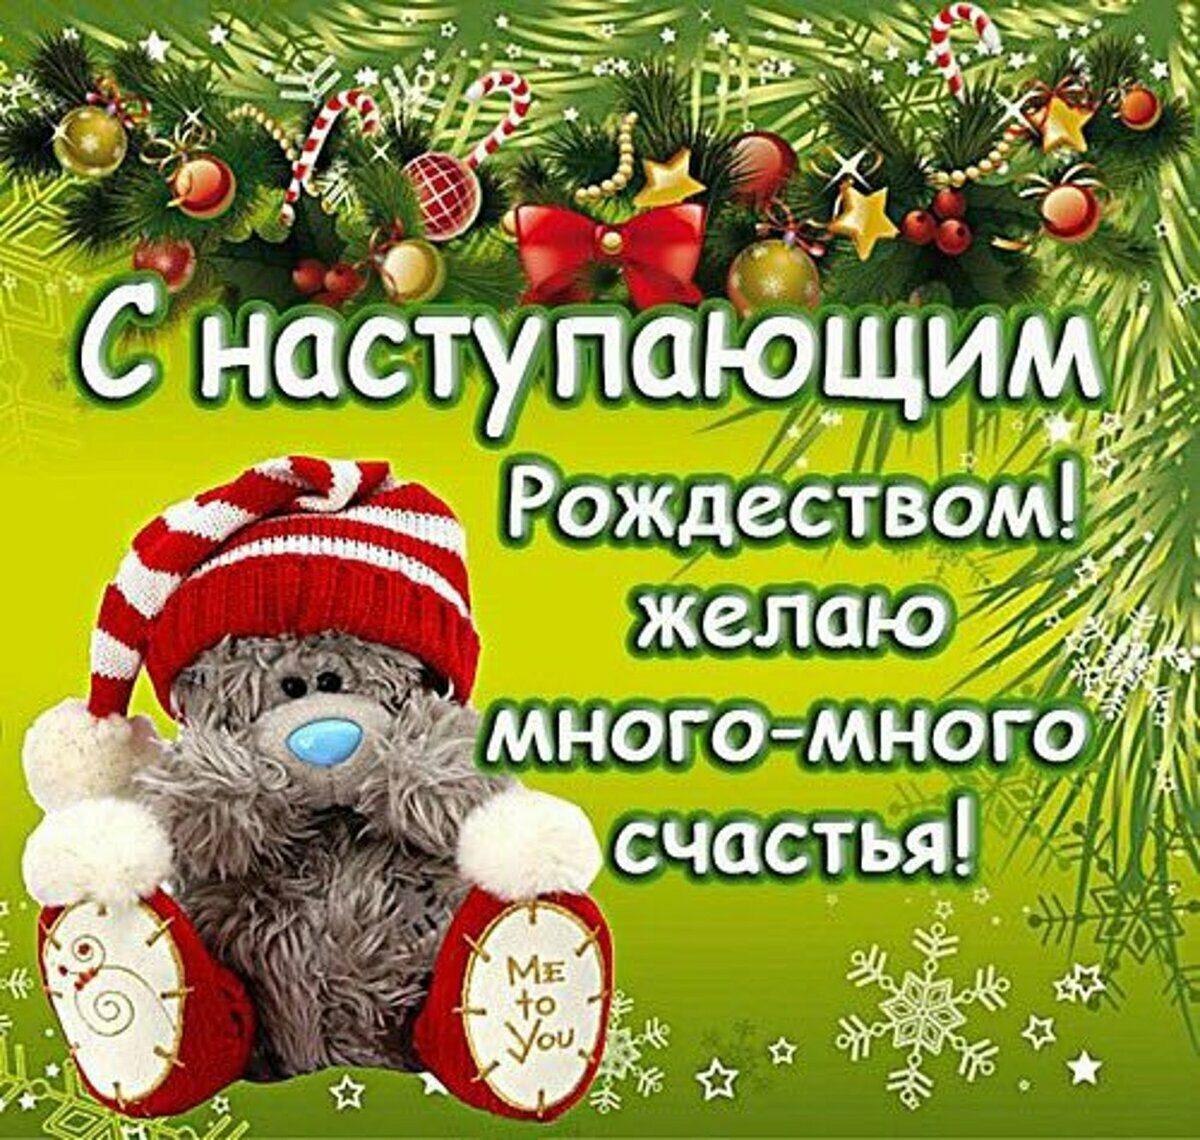 наступающее рождество красивые поздравления священным животным